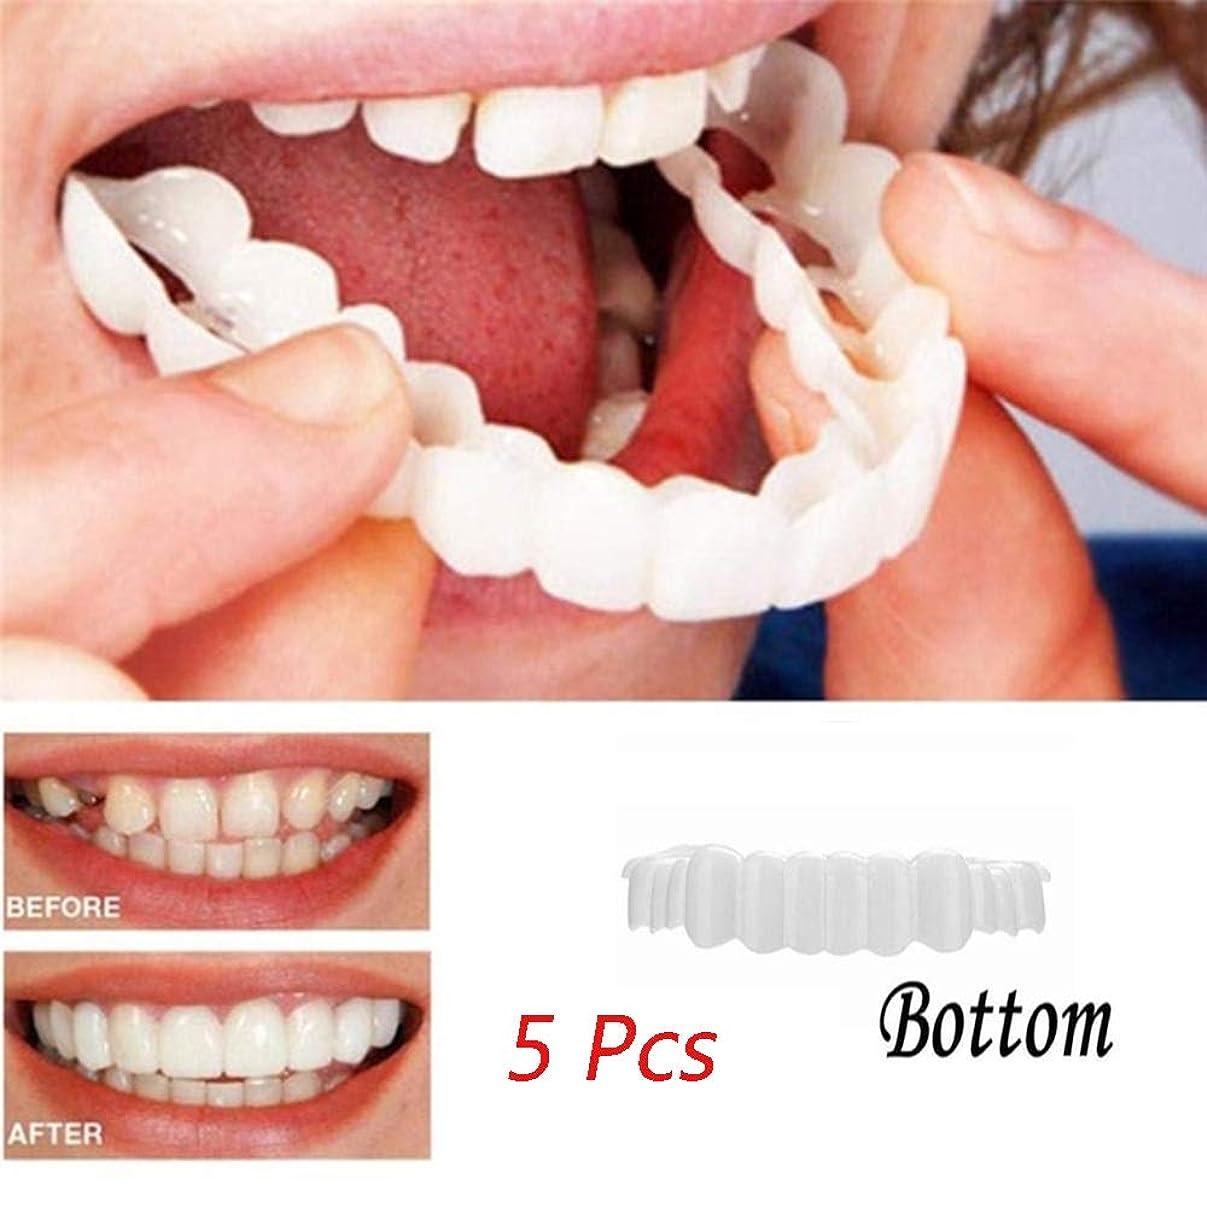 誕生ゴム期限切れ突き板歯5ピースインスタントスマイル歯ホワイトニング歯スナップ化粧品義歯底化粧品突き板ワンサイズフィット最も快適な下突き板